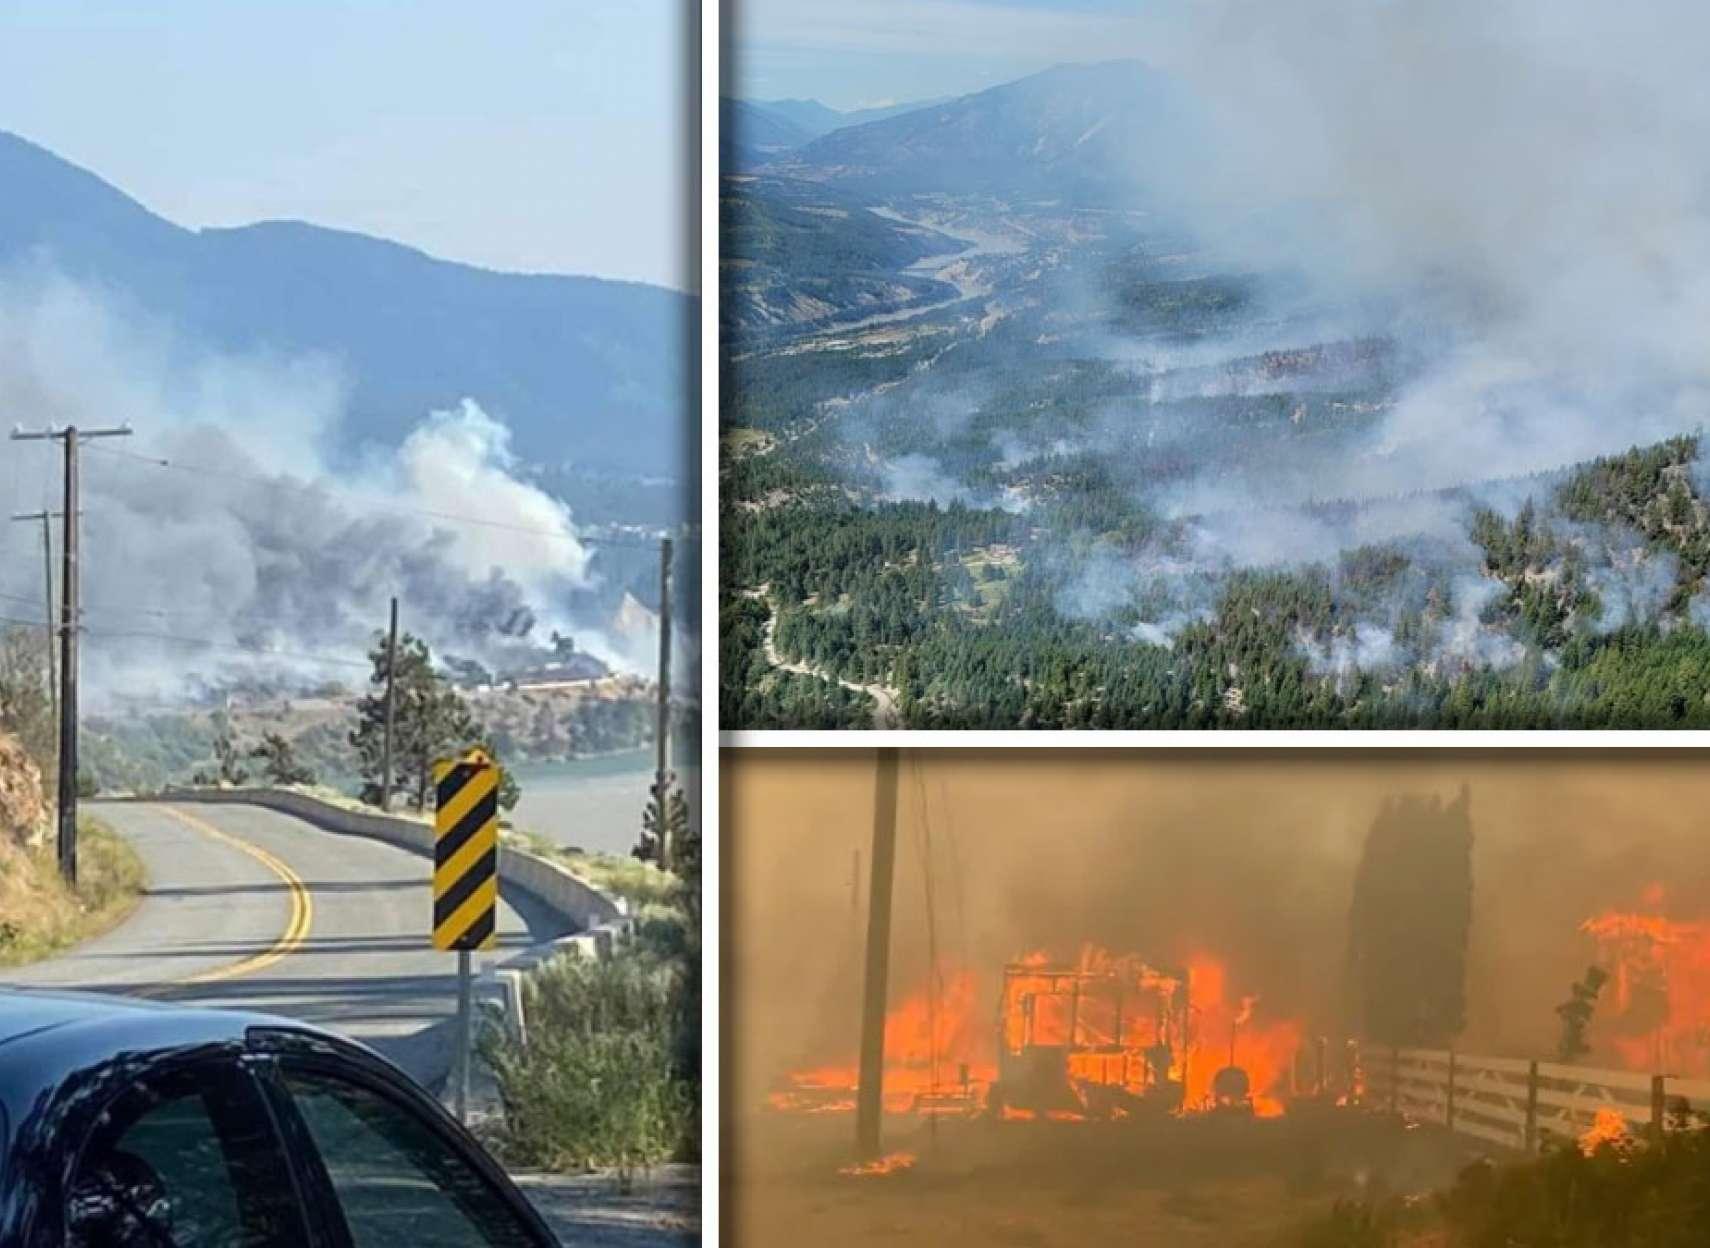 خبر-کانادا-شهرک-لیتون-رکورد-گرمای-کانادا-سراسر-آتش-گرفت-کشته-های-گرما-۴۸۶-نفر-شد